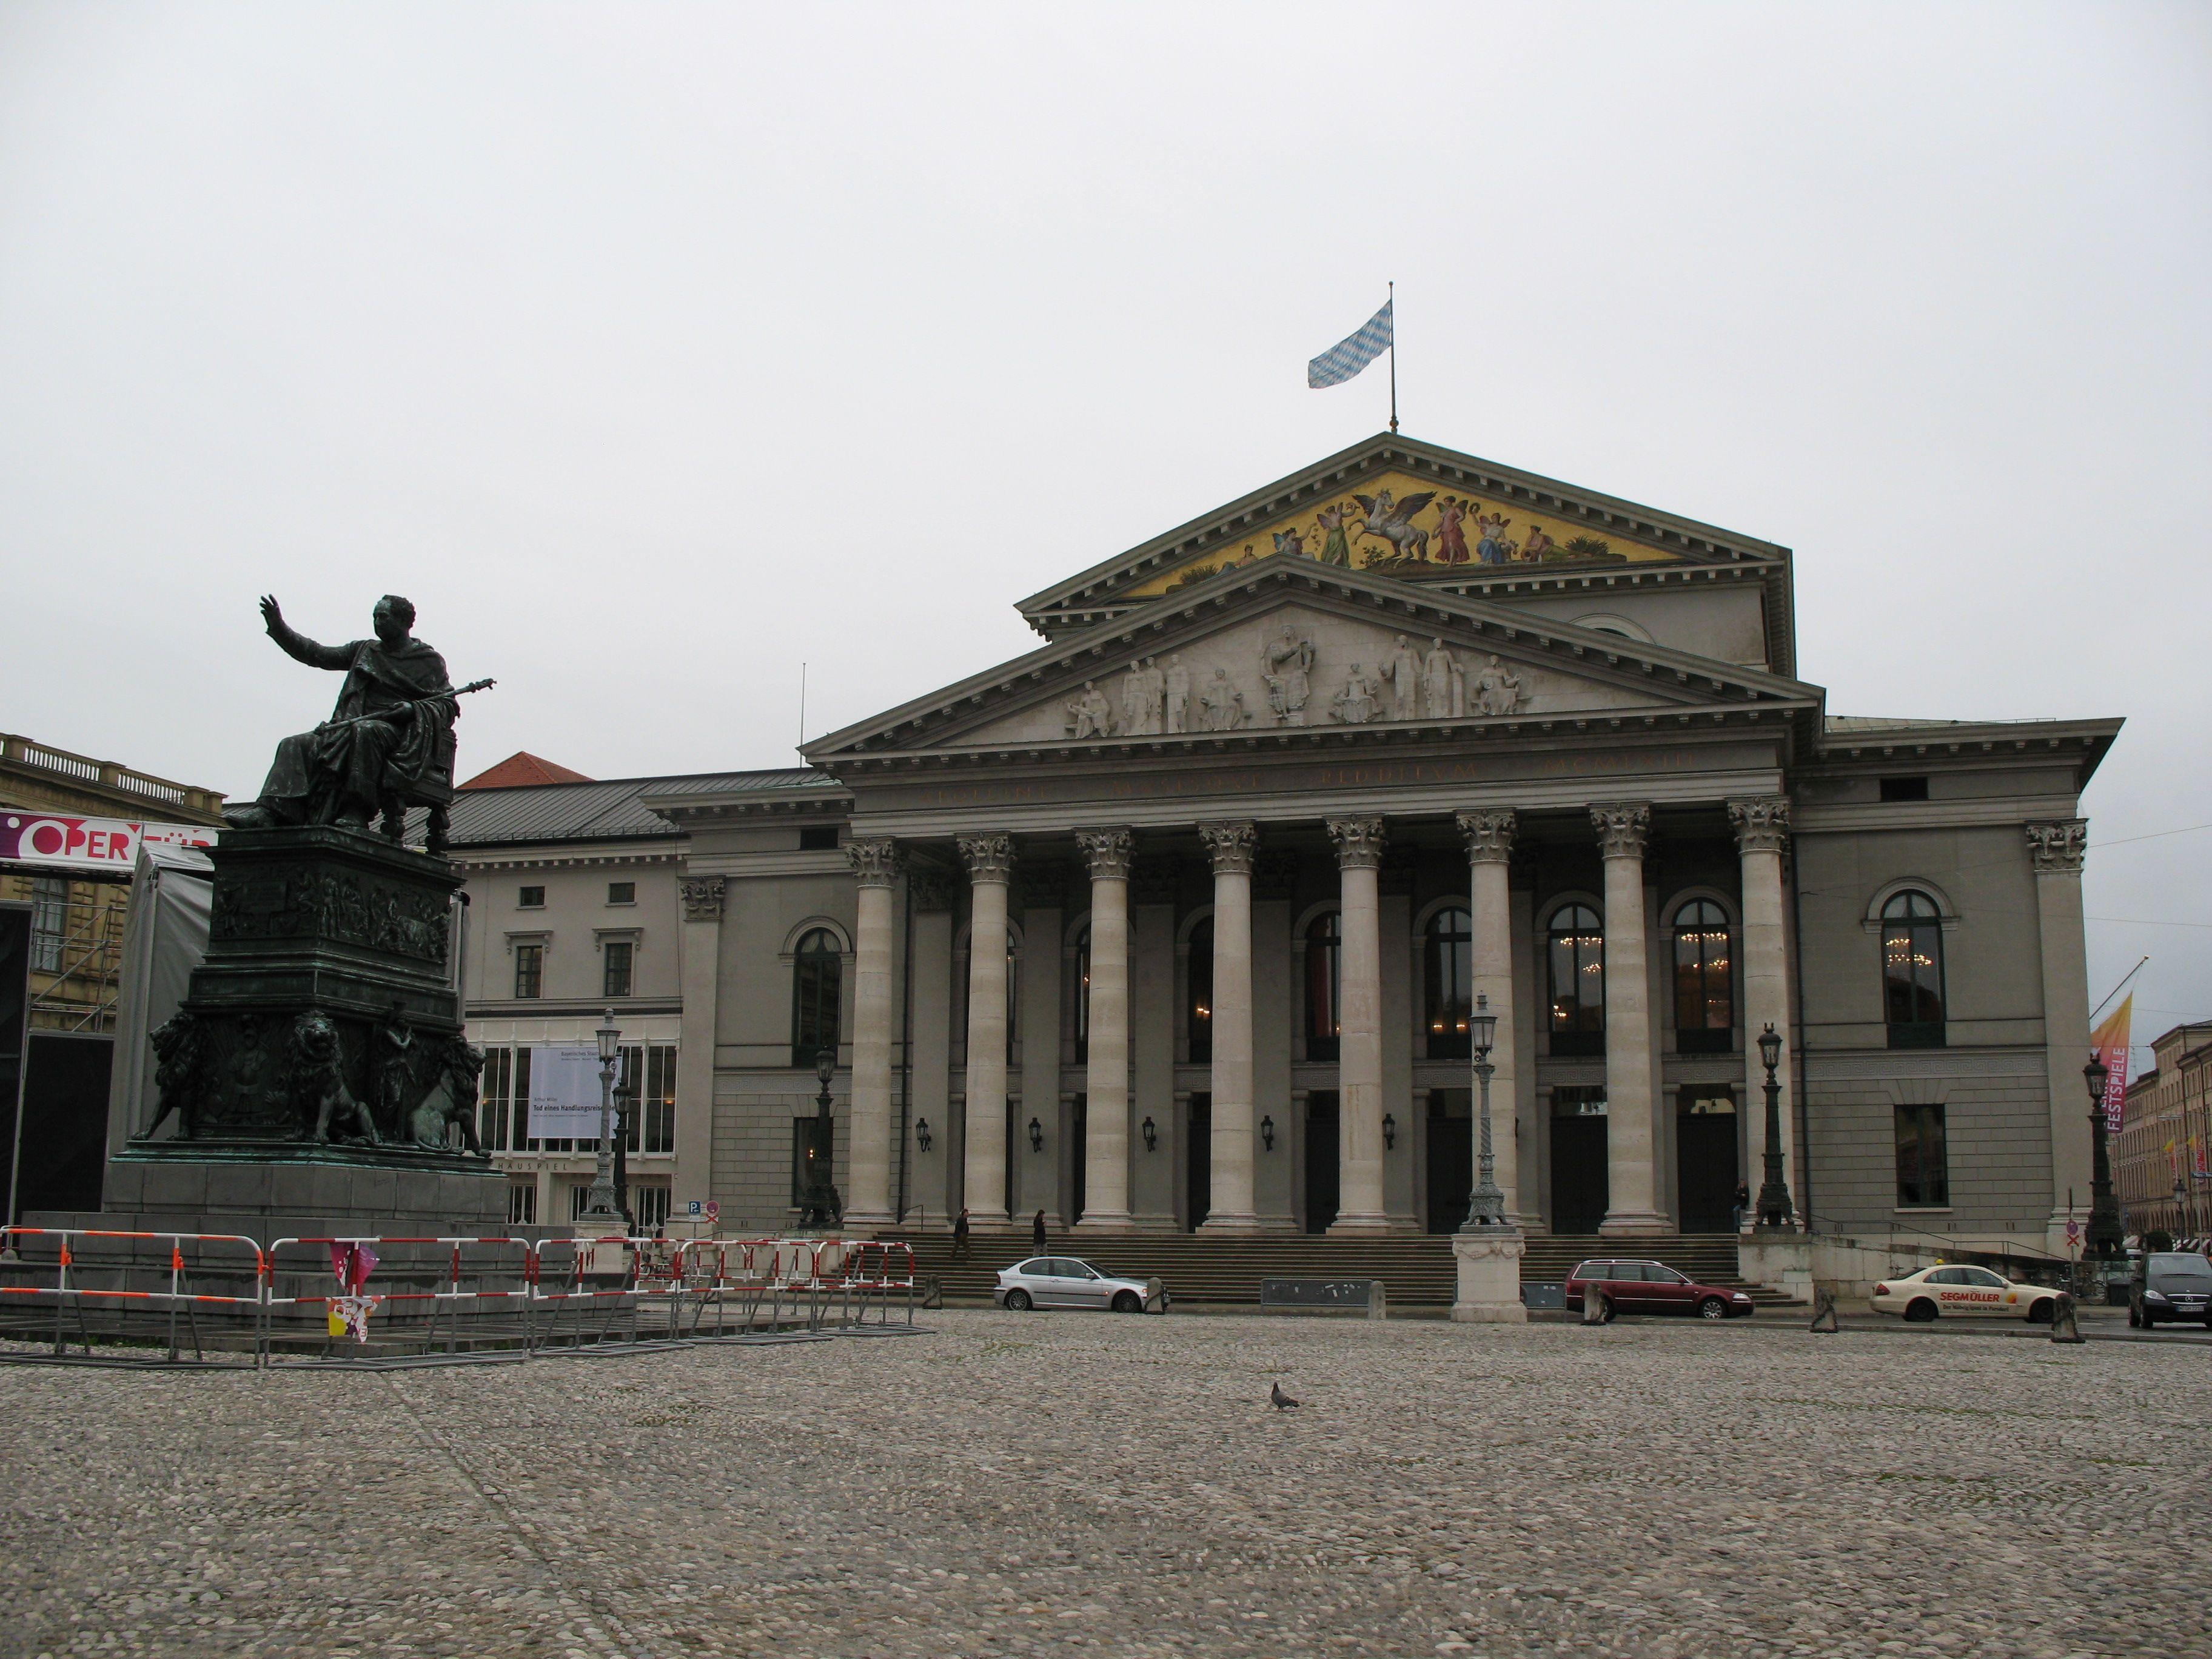 St Platz München max joseph platz munich germany münchen deutschland